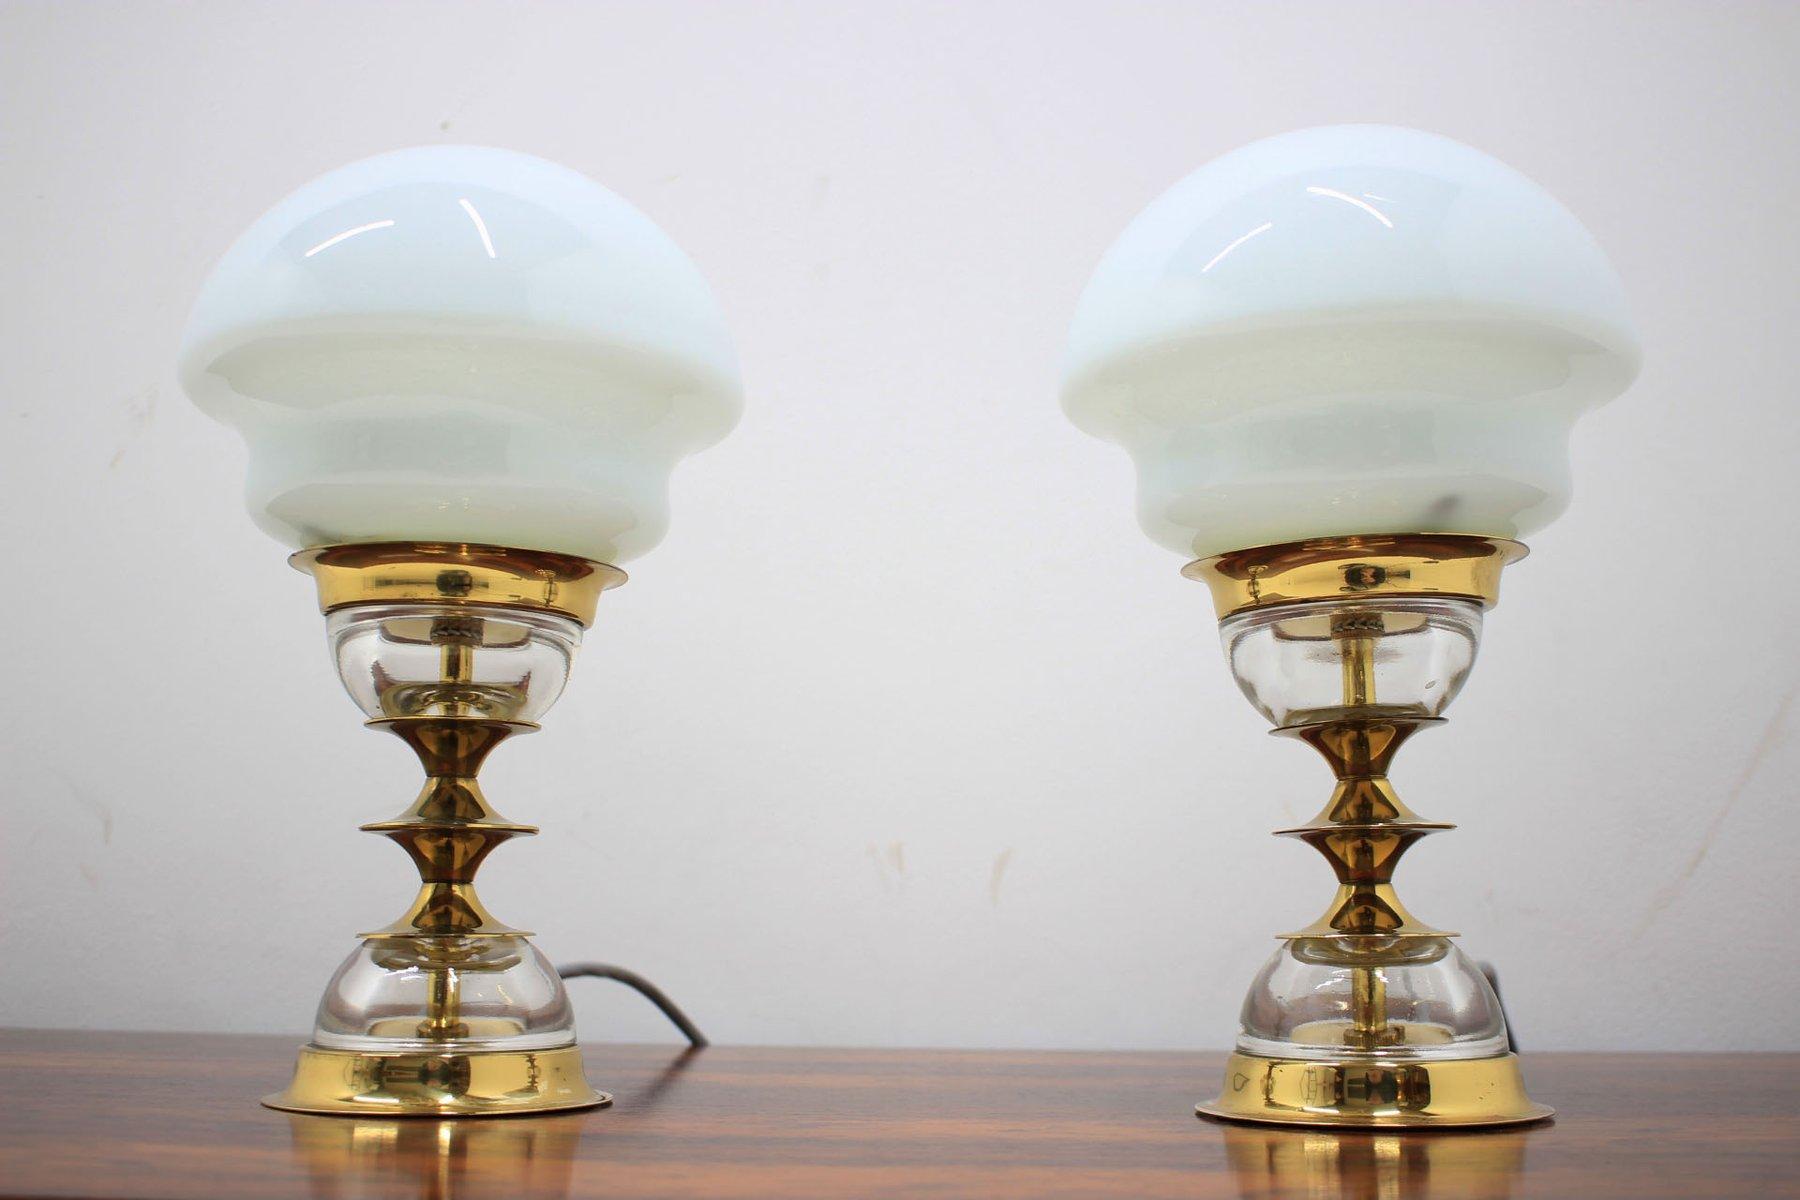 Vintage tischlampen von jabloneck skl rny 1970er 2er for Tischlampen vintage